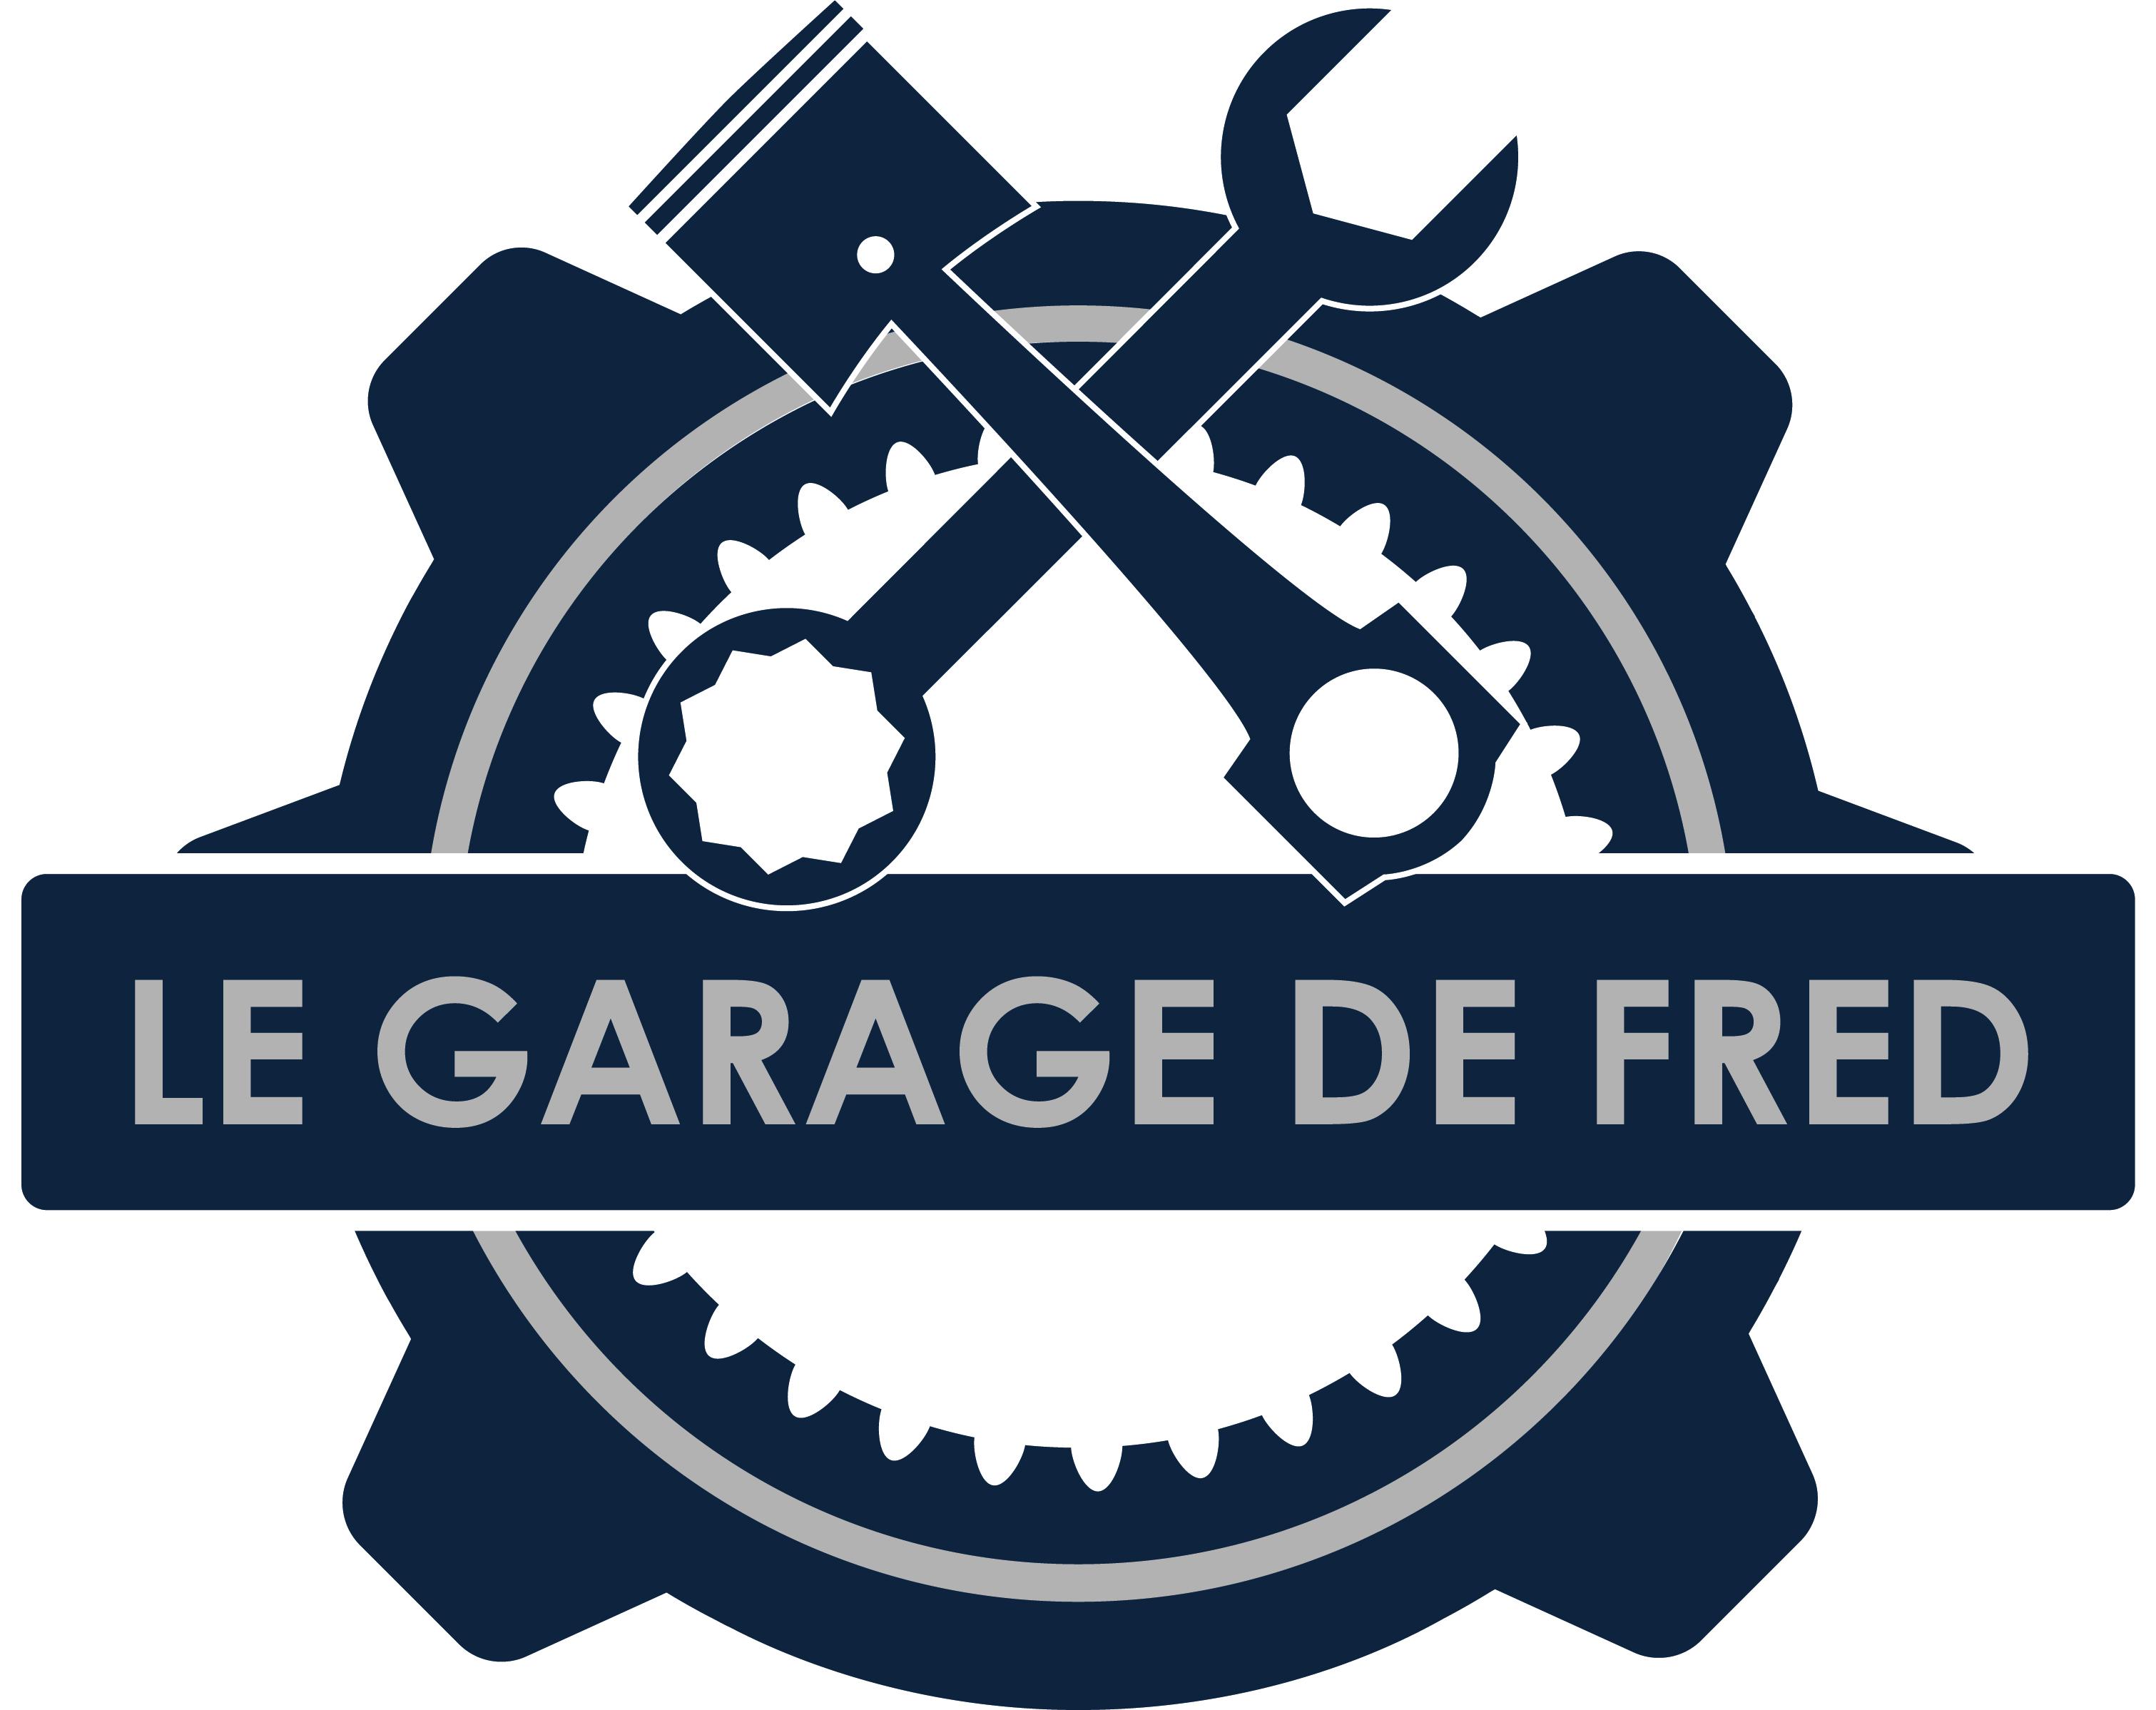 garage_fred.jpg